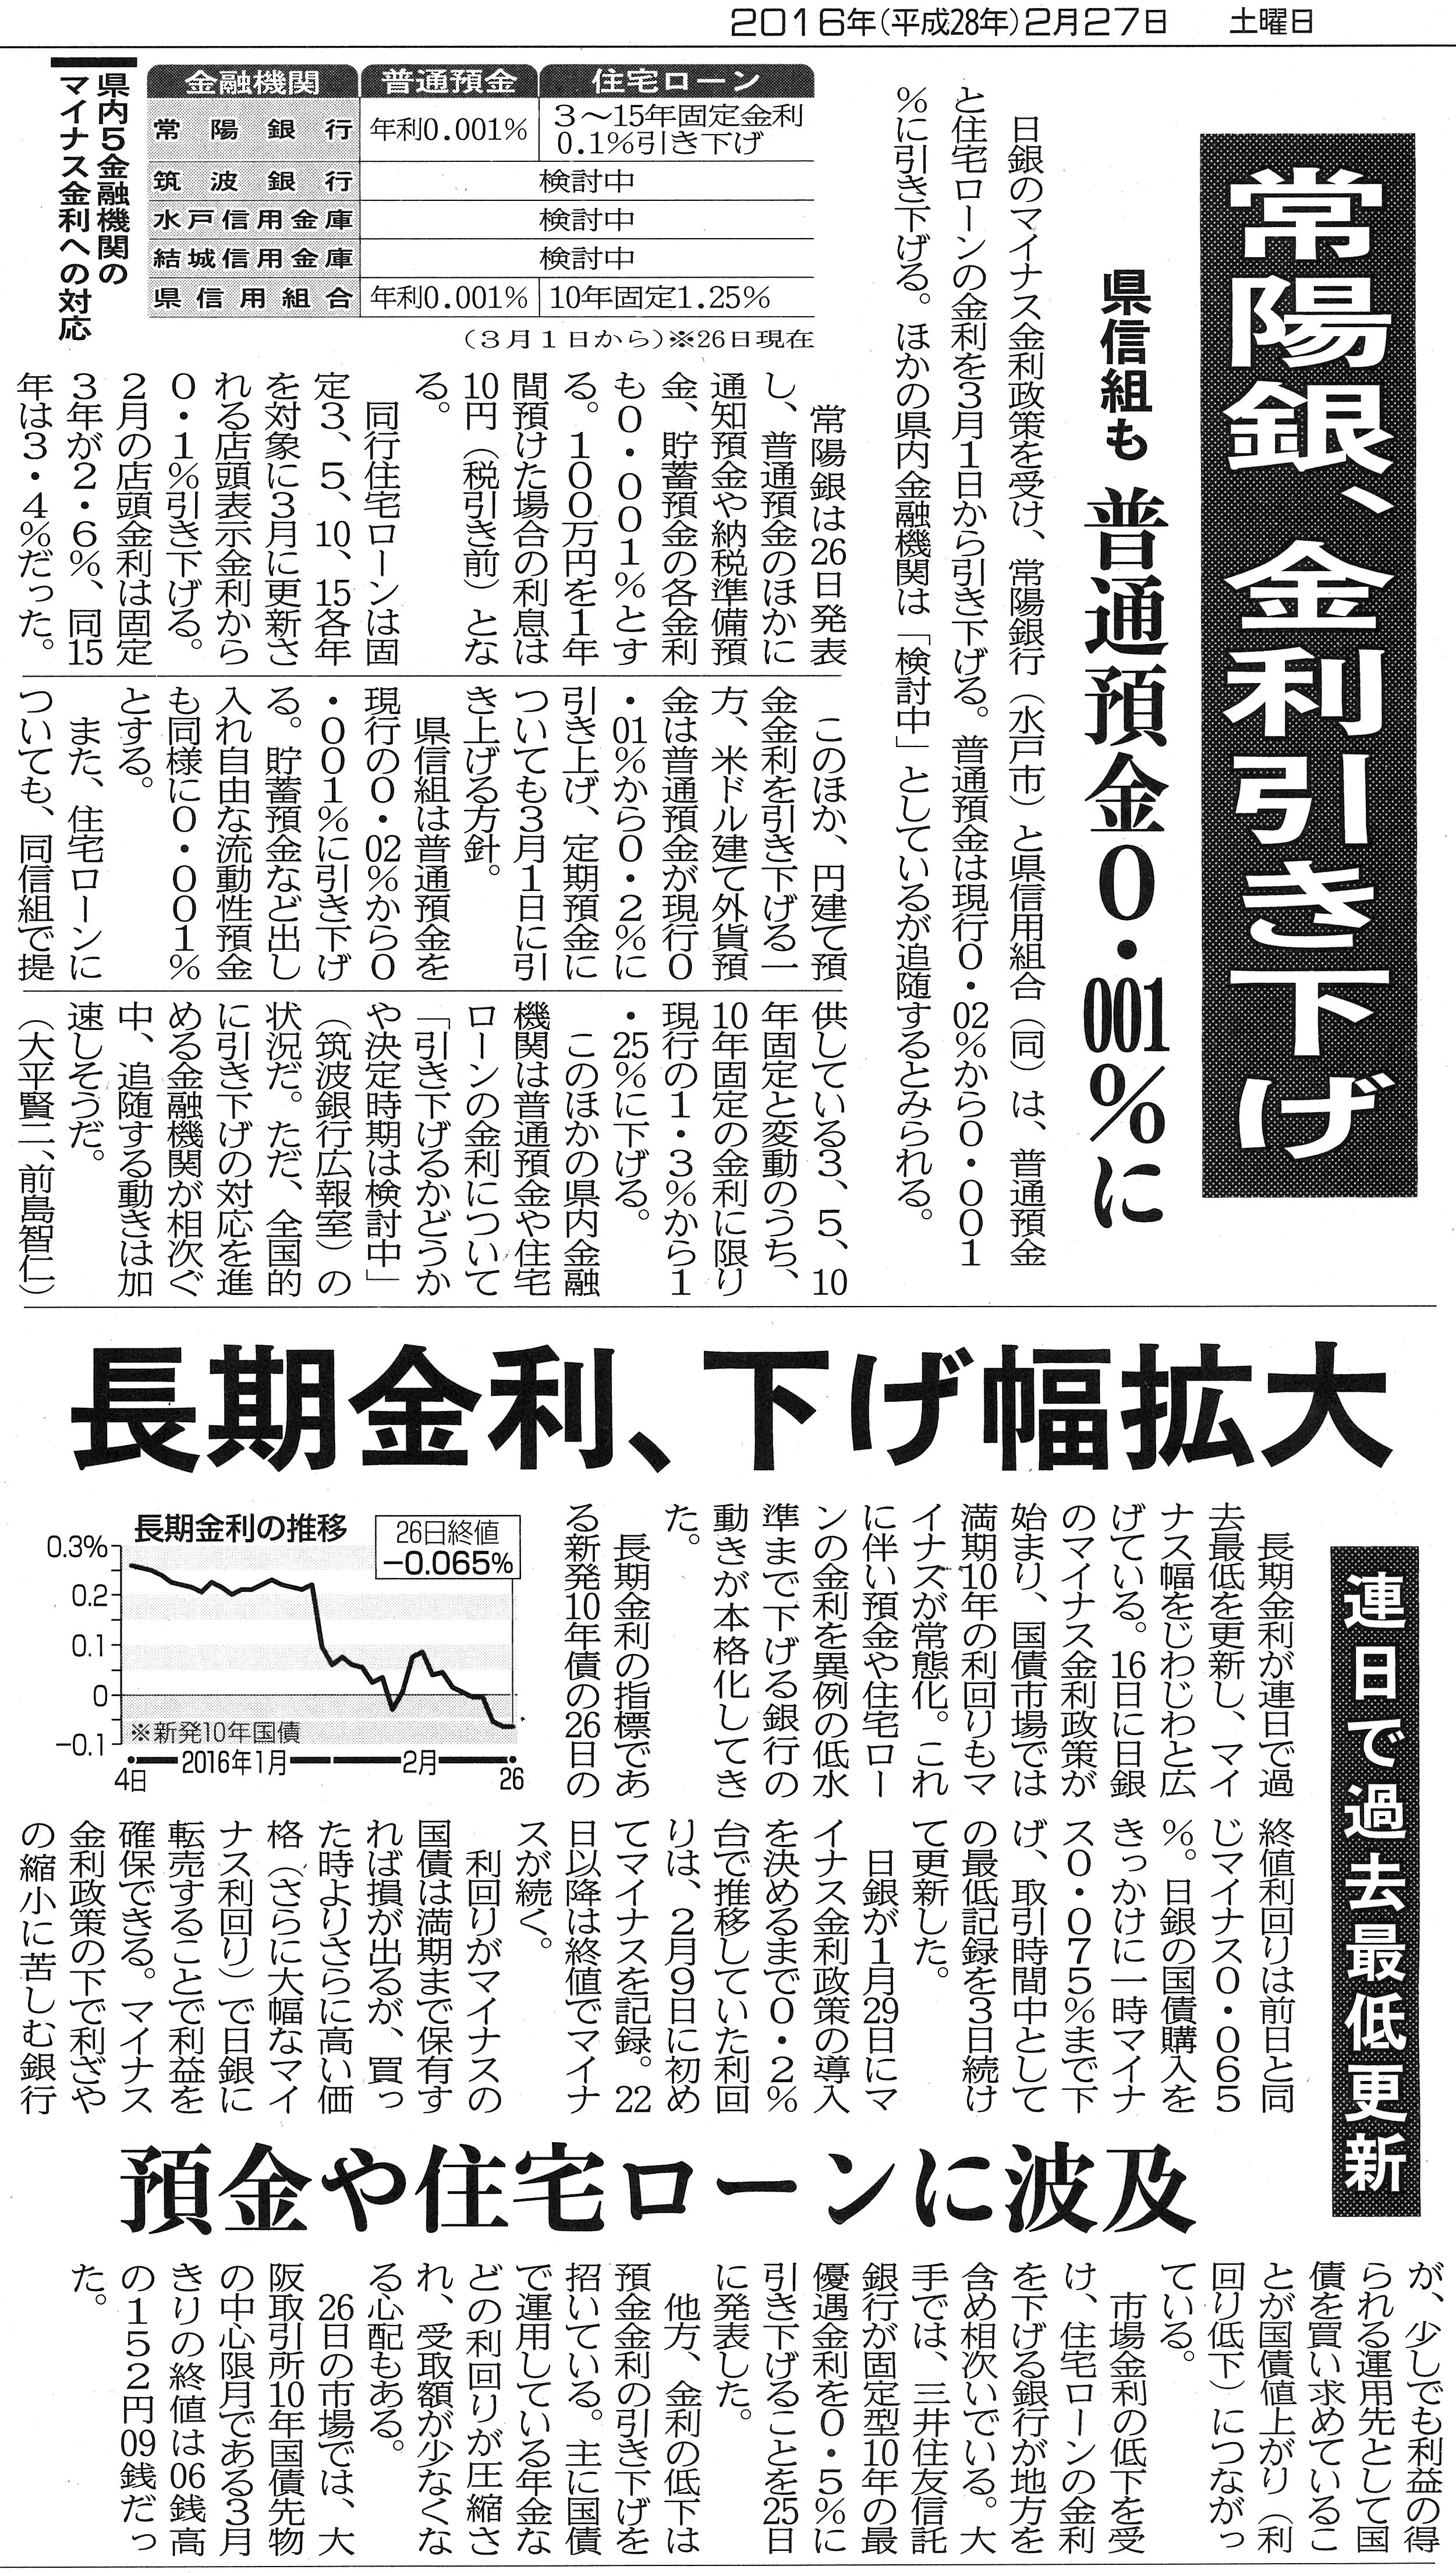 【茨城新聞】常陽銀、金利引き下げ 長期金利、下げ幅拡大